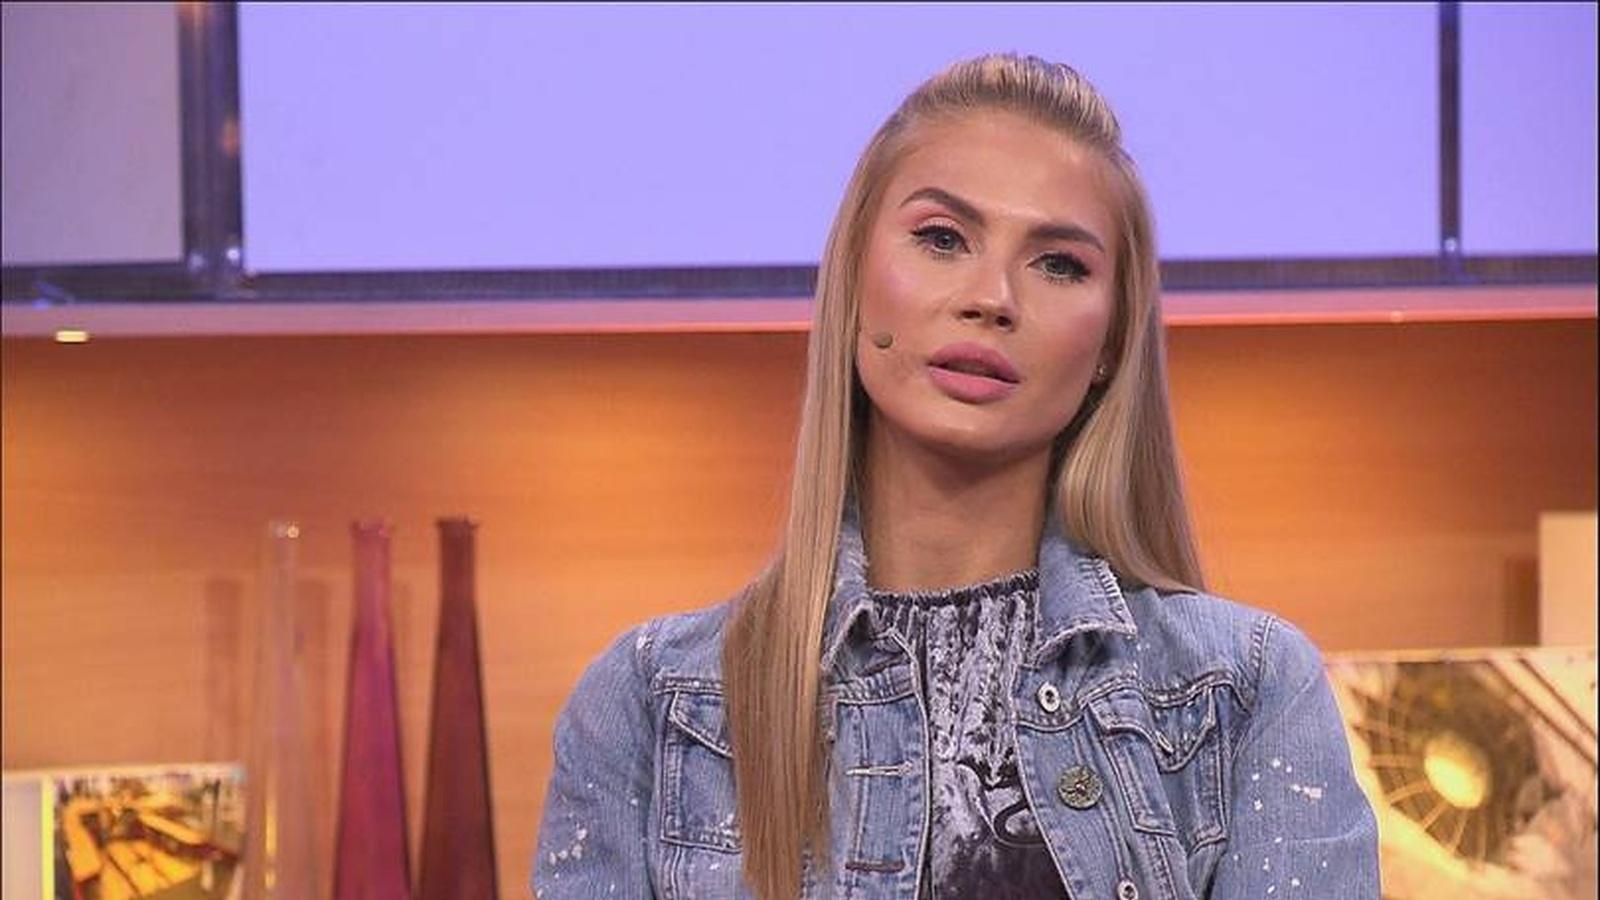 Supermodelio karjerą S. Starkutė pradėjo po mamos mirties: teko ir badauti, ir miegoti laiptinėje